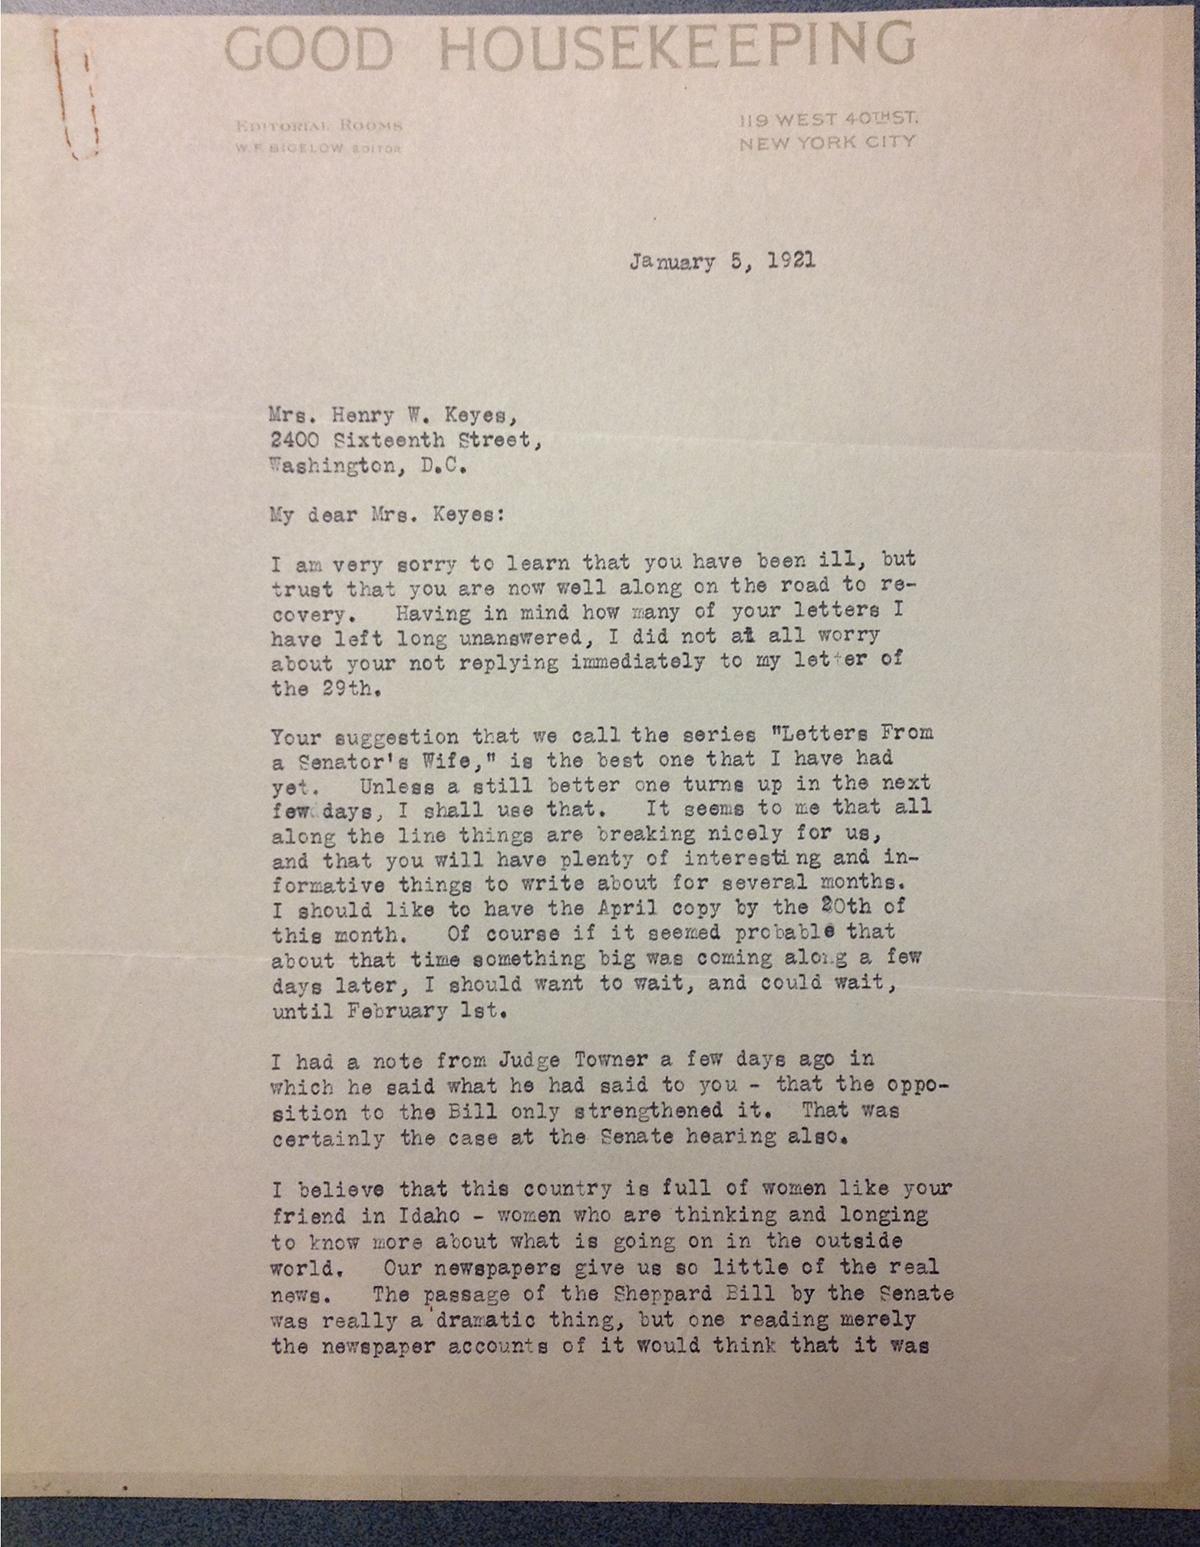 W. F. Bigelow to FPK, January 5, 1921